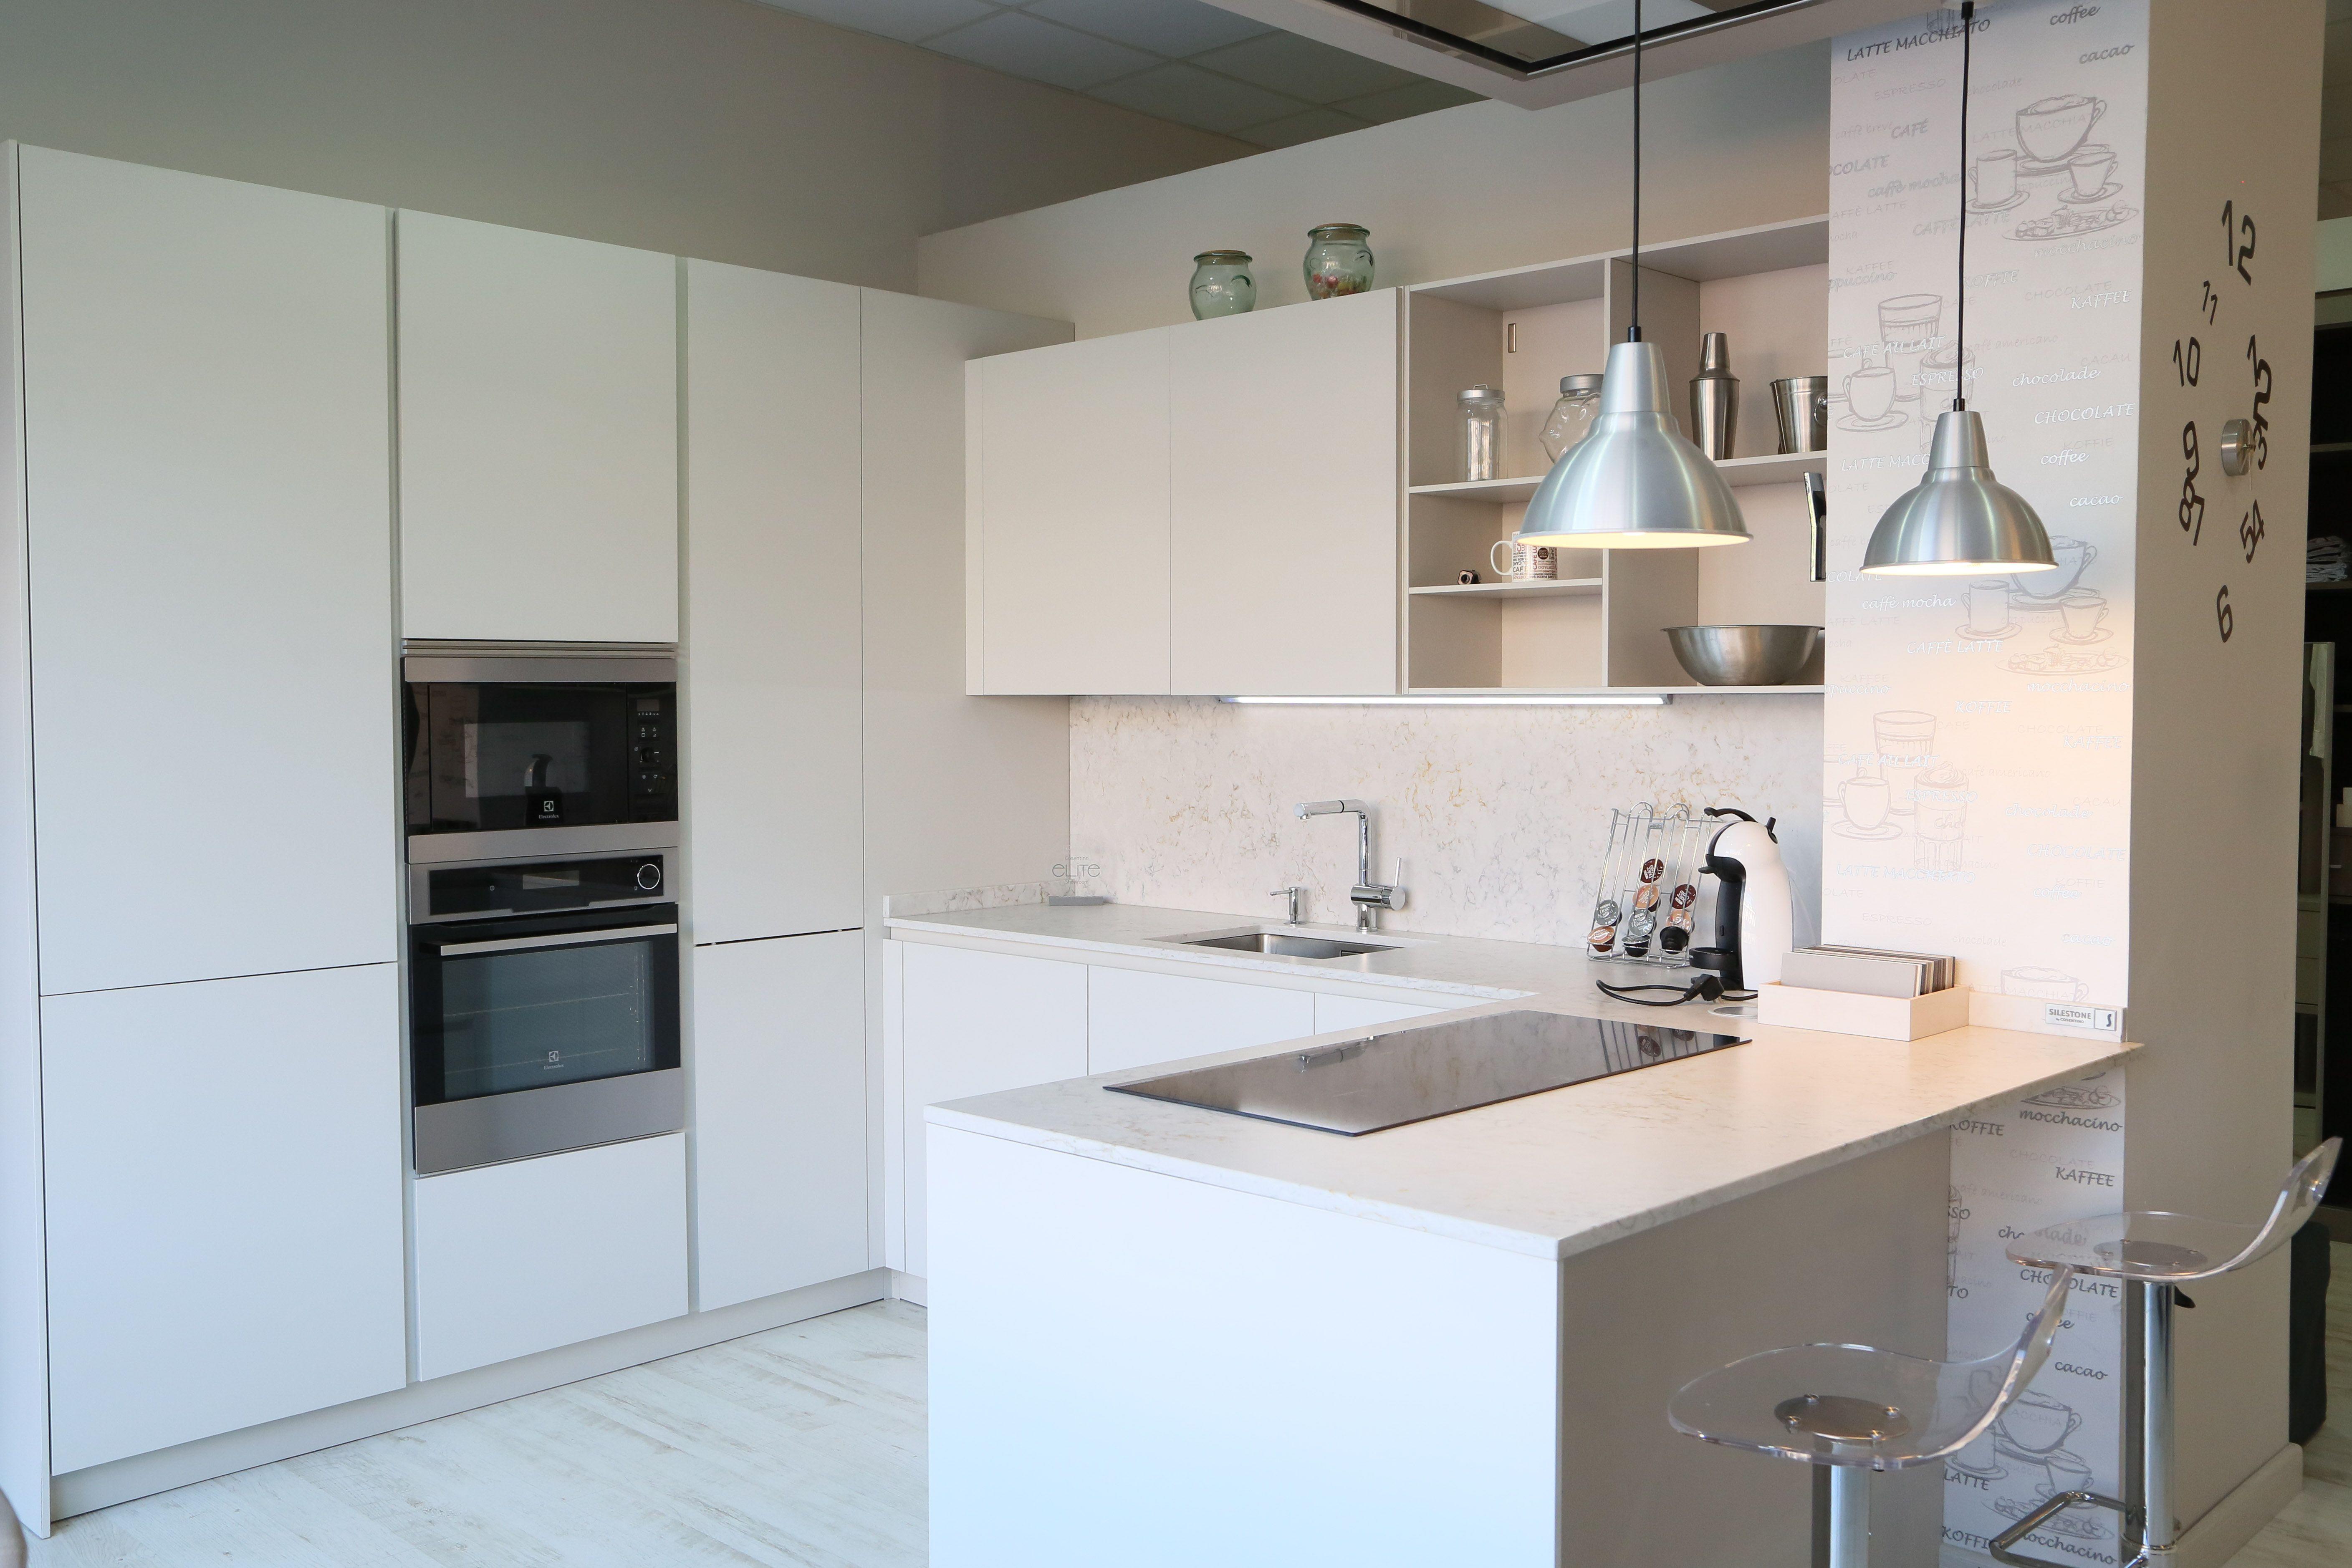 Estudio de cocinas latest cocina santos modelo line for Muebles de cocina getafe